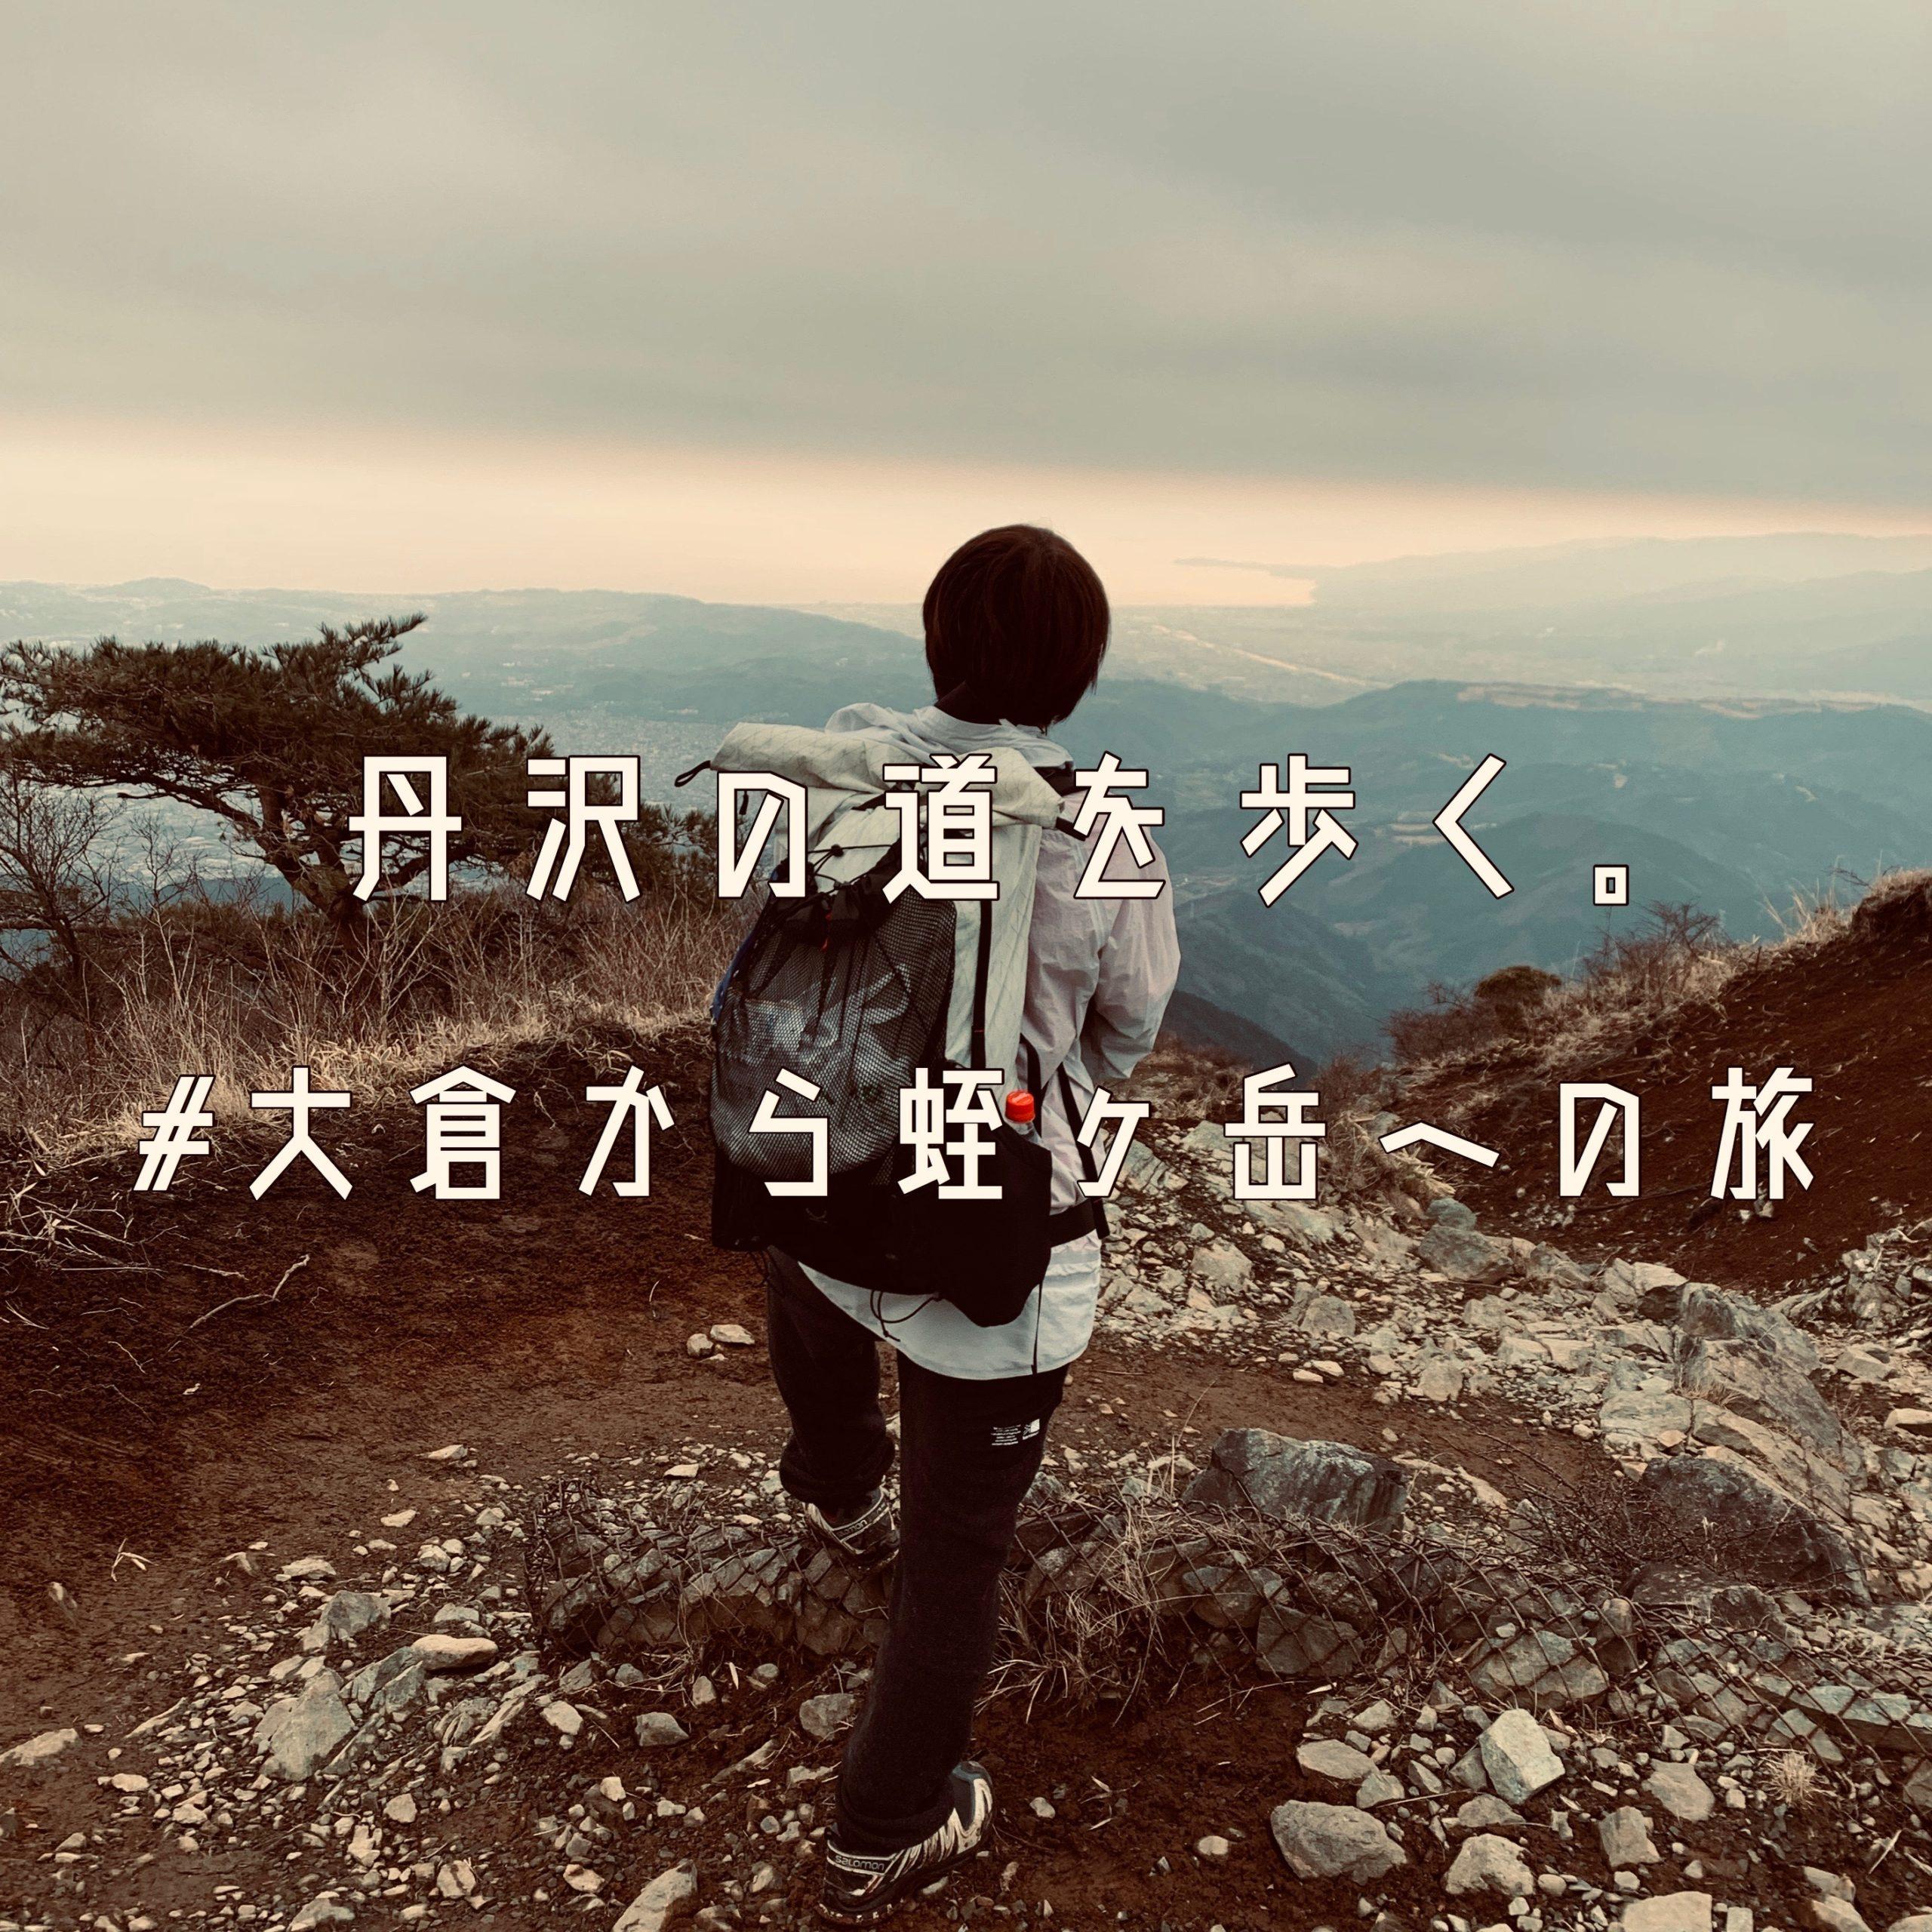 丹沢の道を歩く。#大倉から蛭ヶ岳への旅